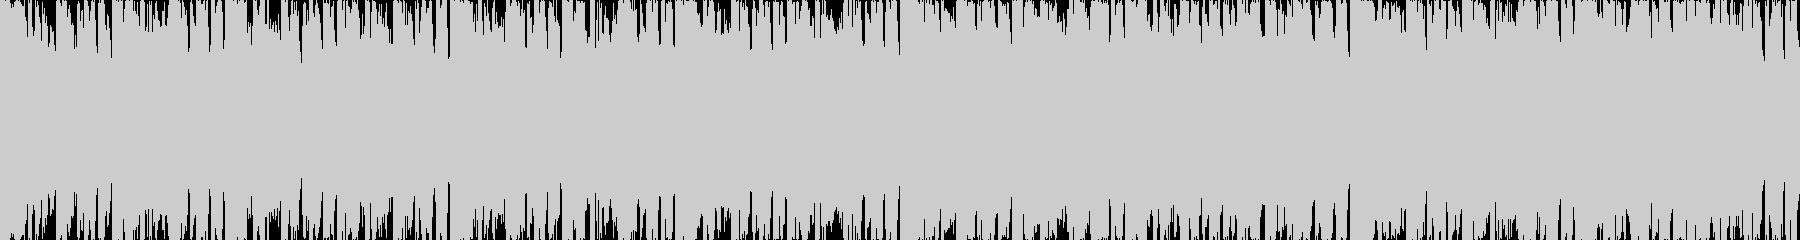 スピード感あるシンセ系短ループ曲の未再生の波形